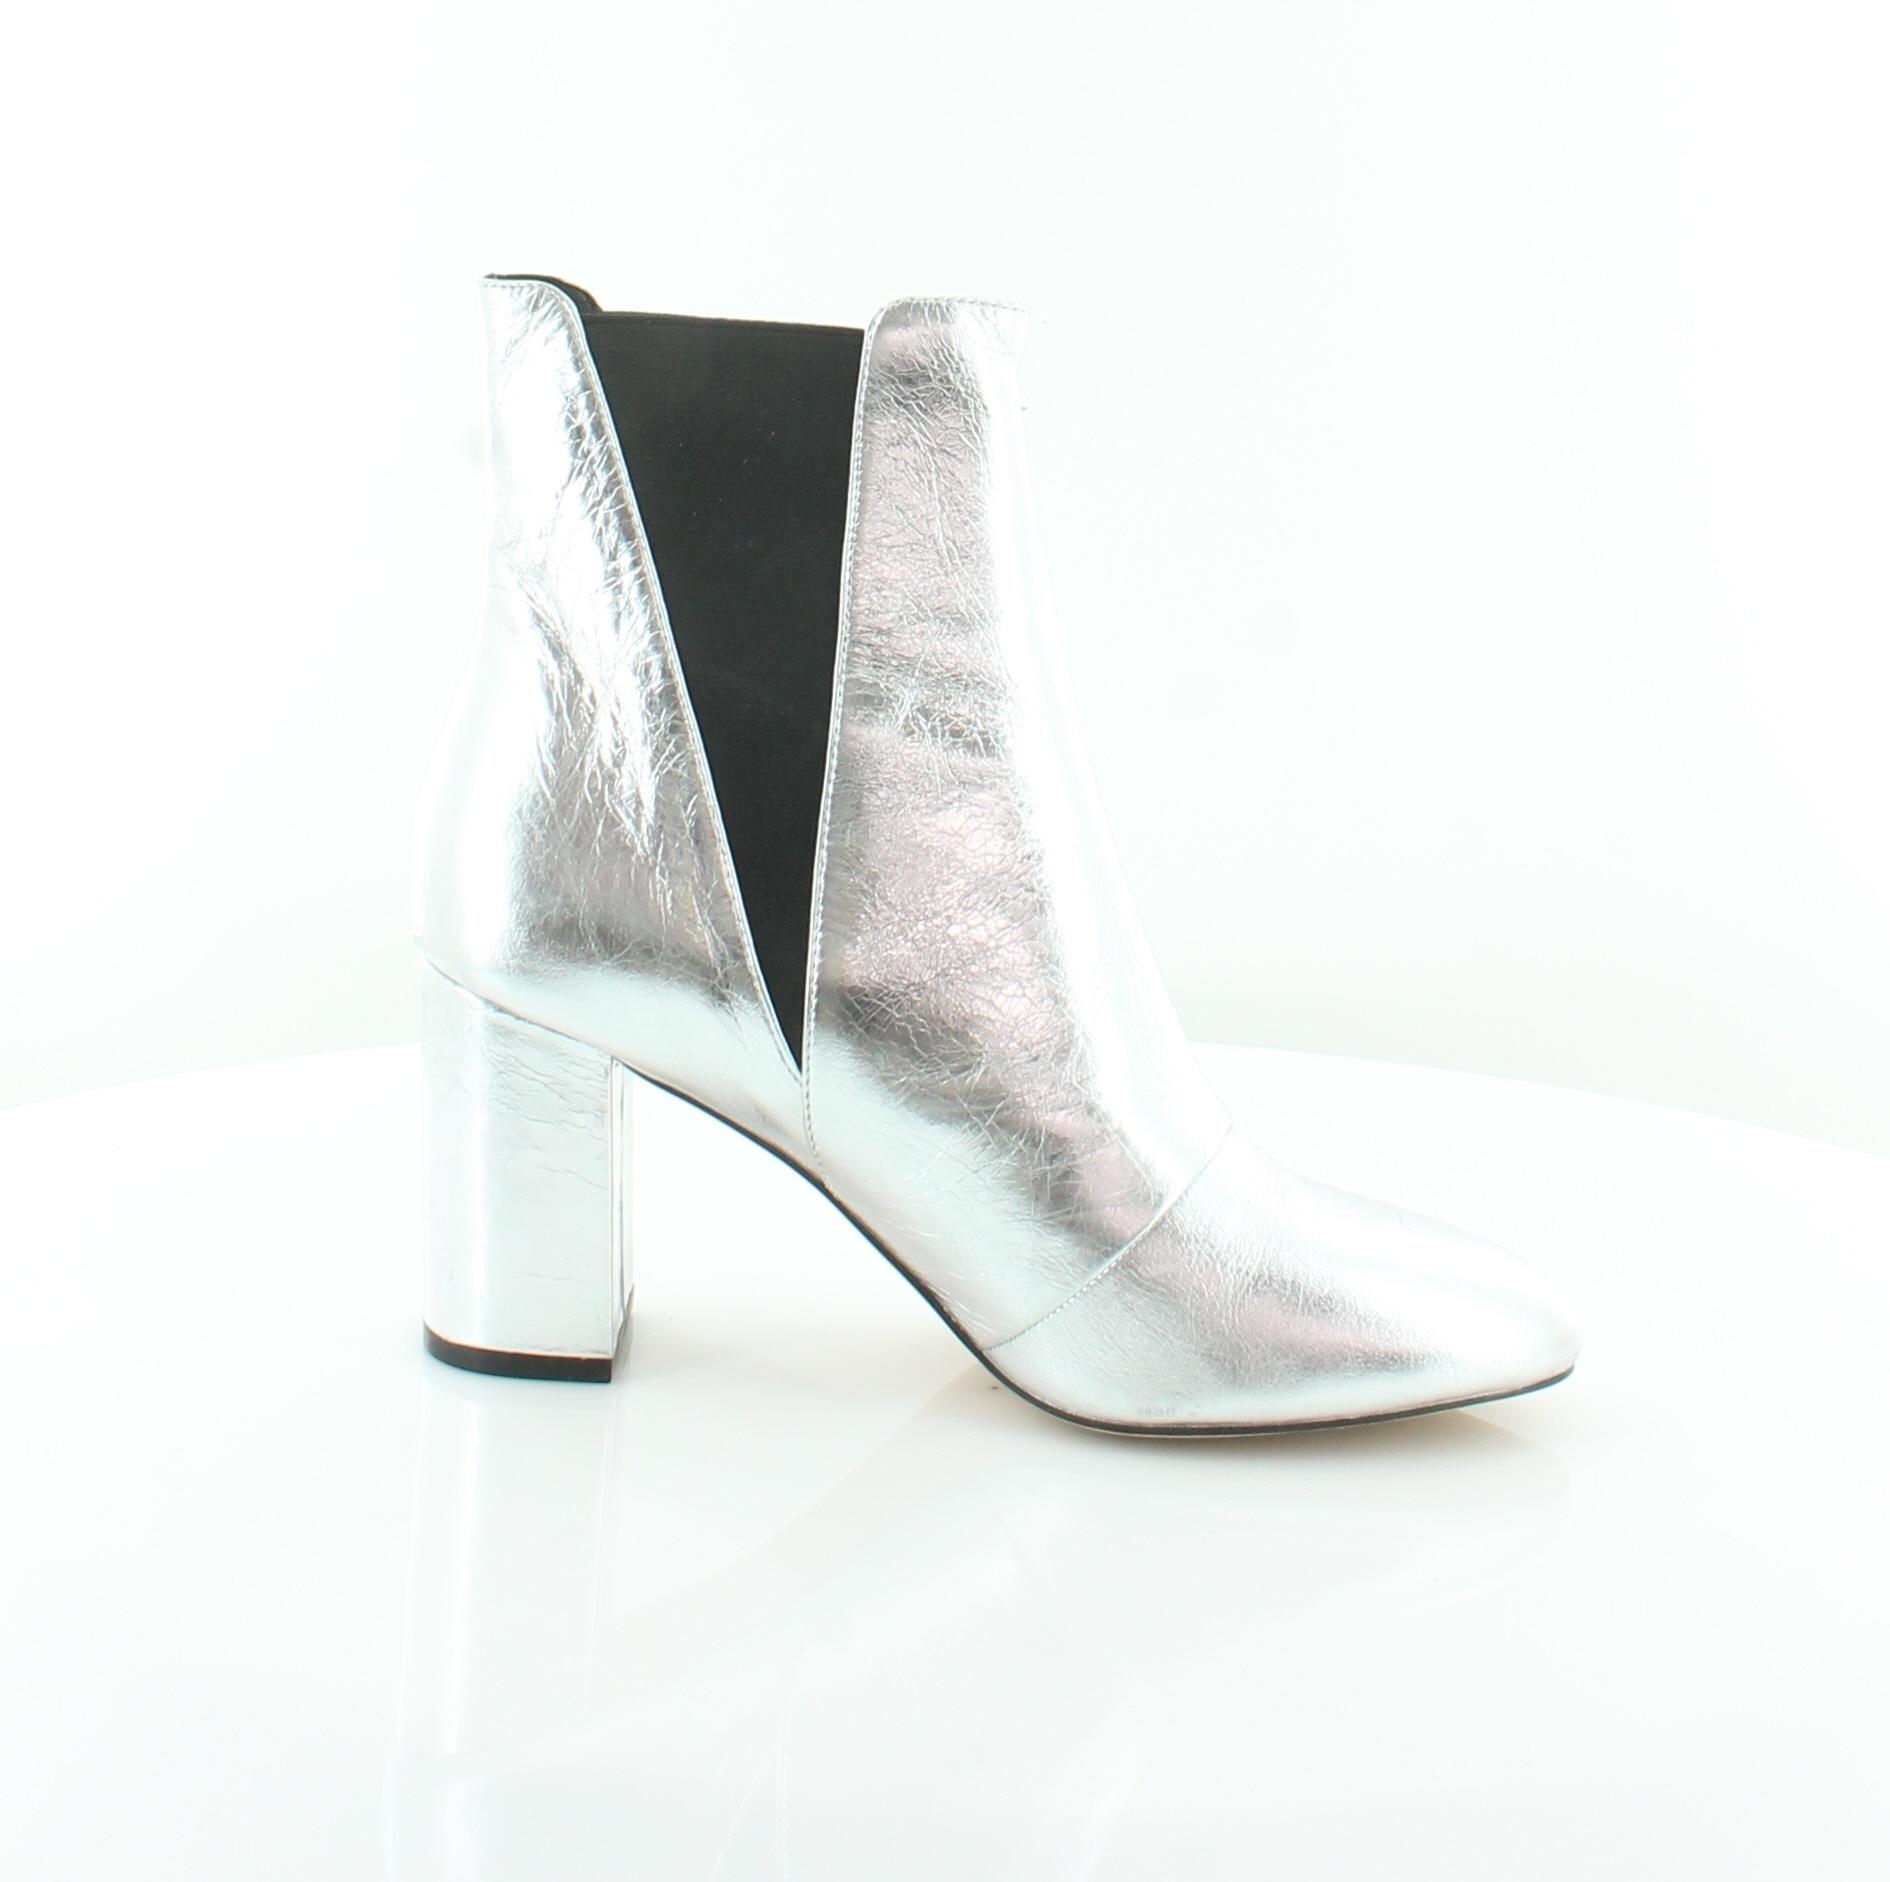 Rebecca Minkoff Serena Plata Mujer Zapatos M botas Tamaño 8.5 M Zapatos precio minorista sugerido por el fabricante  195 dff069